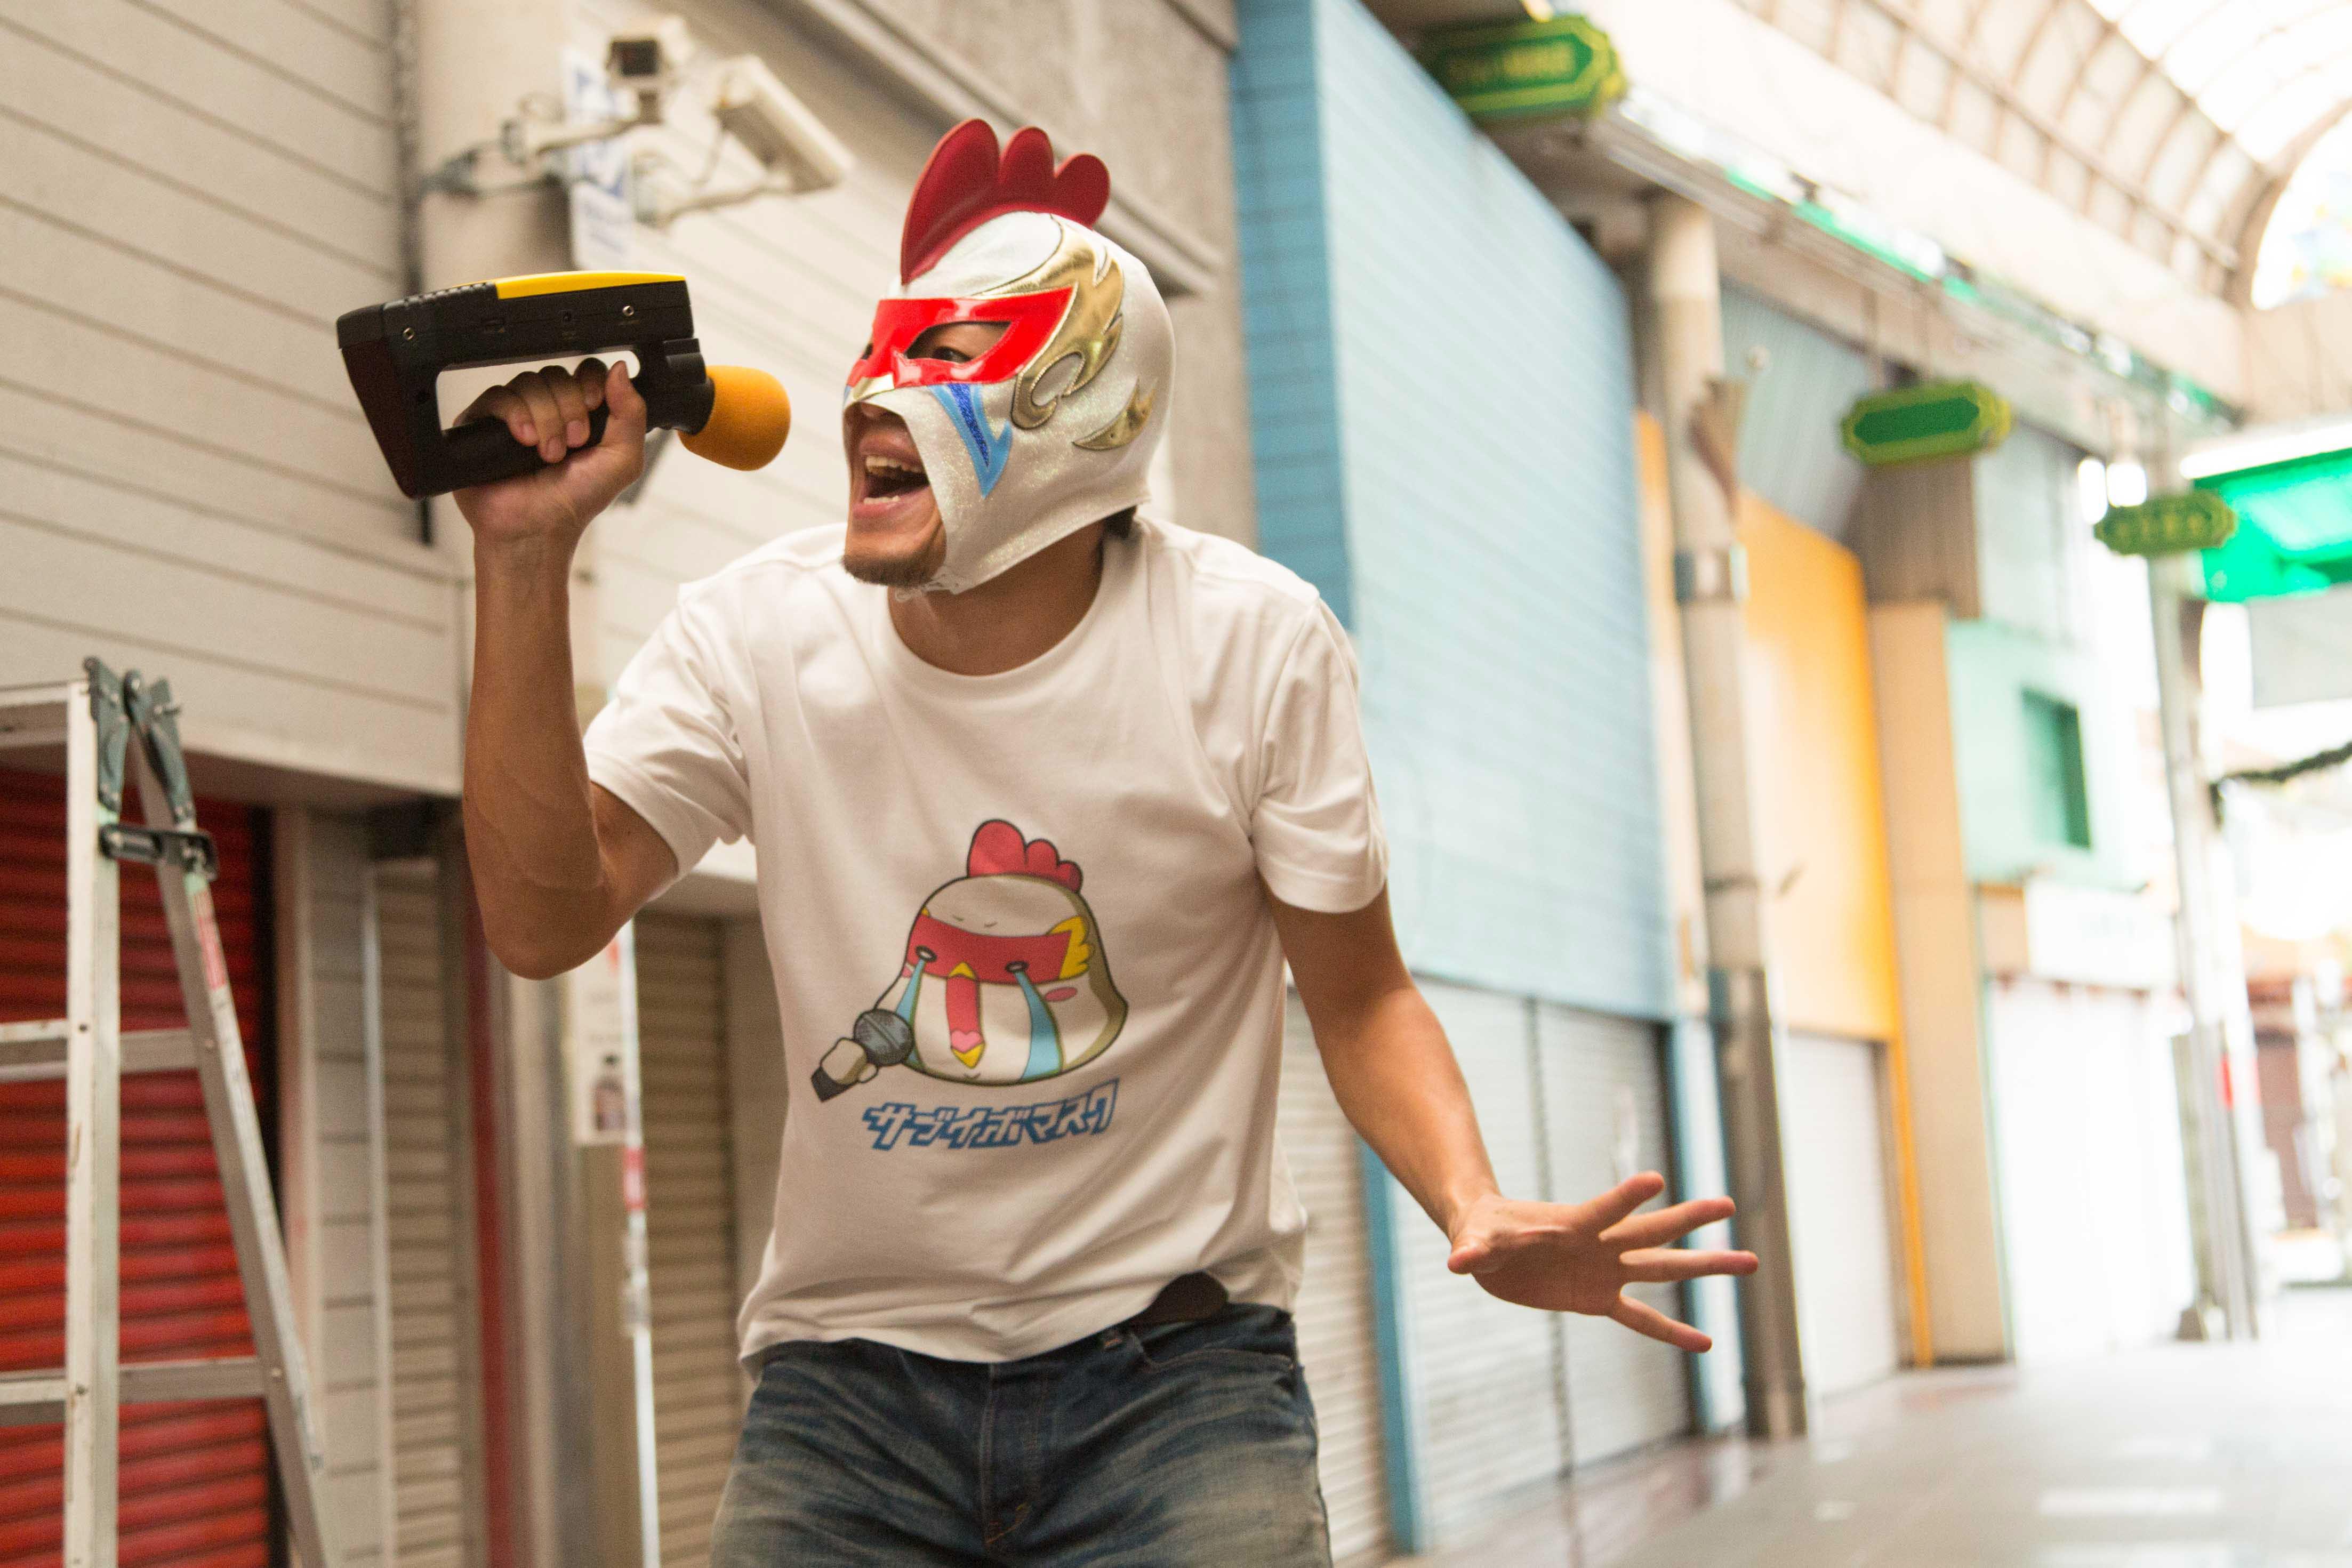 6/7 謎のシンガー・サブイボマスク、京セラドームにてプレ始球式投球決定!